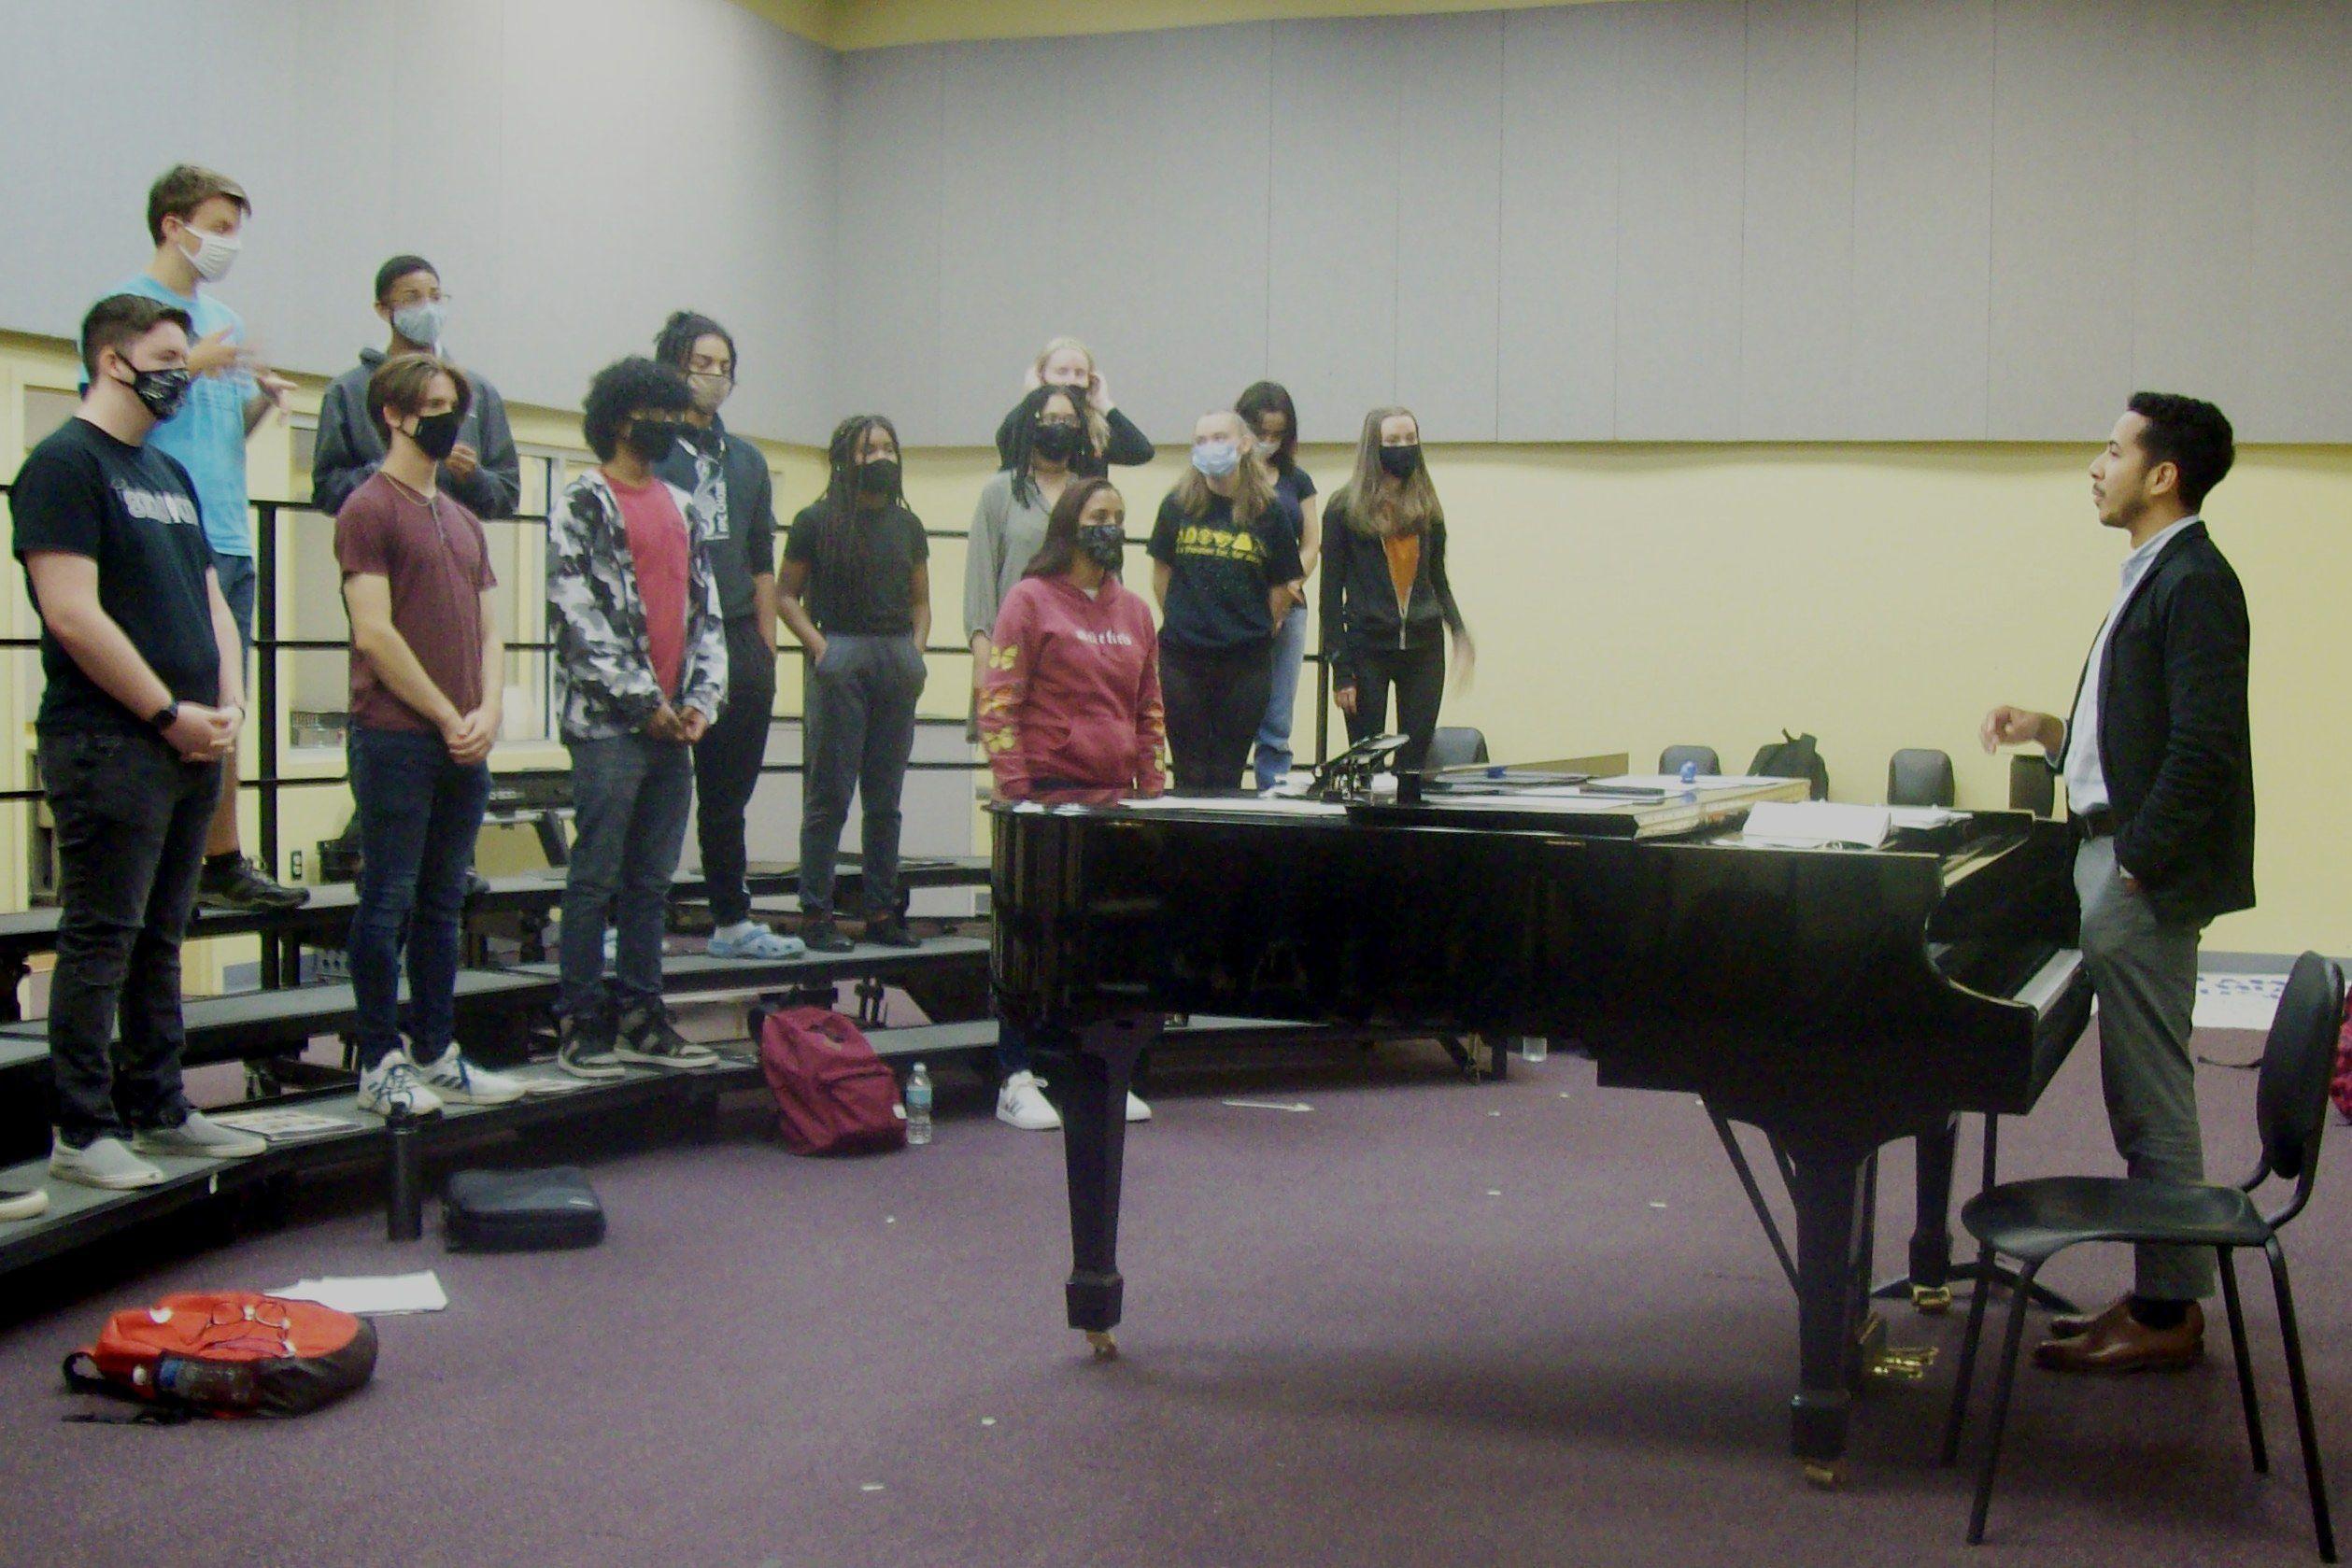 Teacher finds faith through music education